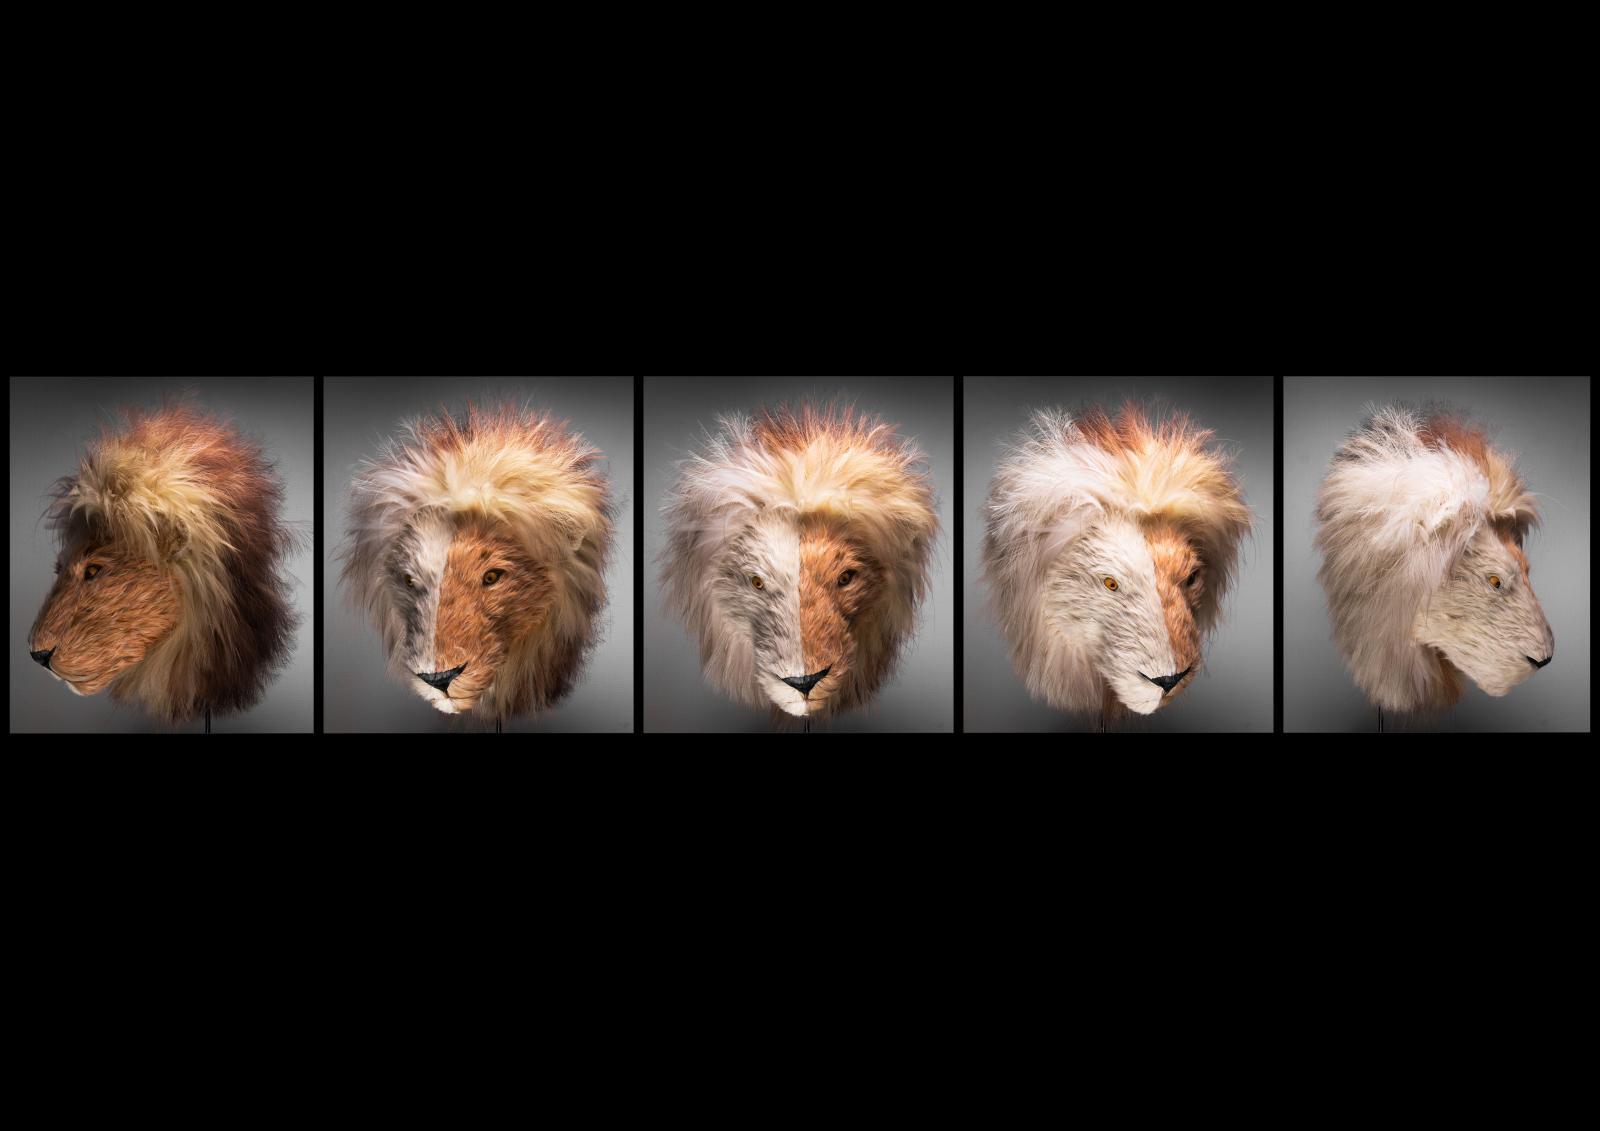 Trophée de Némée, tête de lion réalisée avec un assortiment de plumes. © Paul Baret